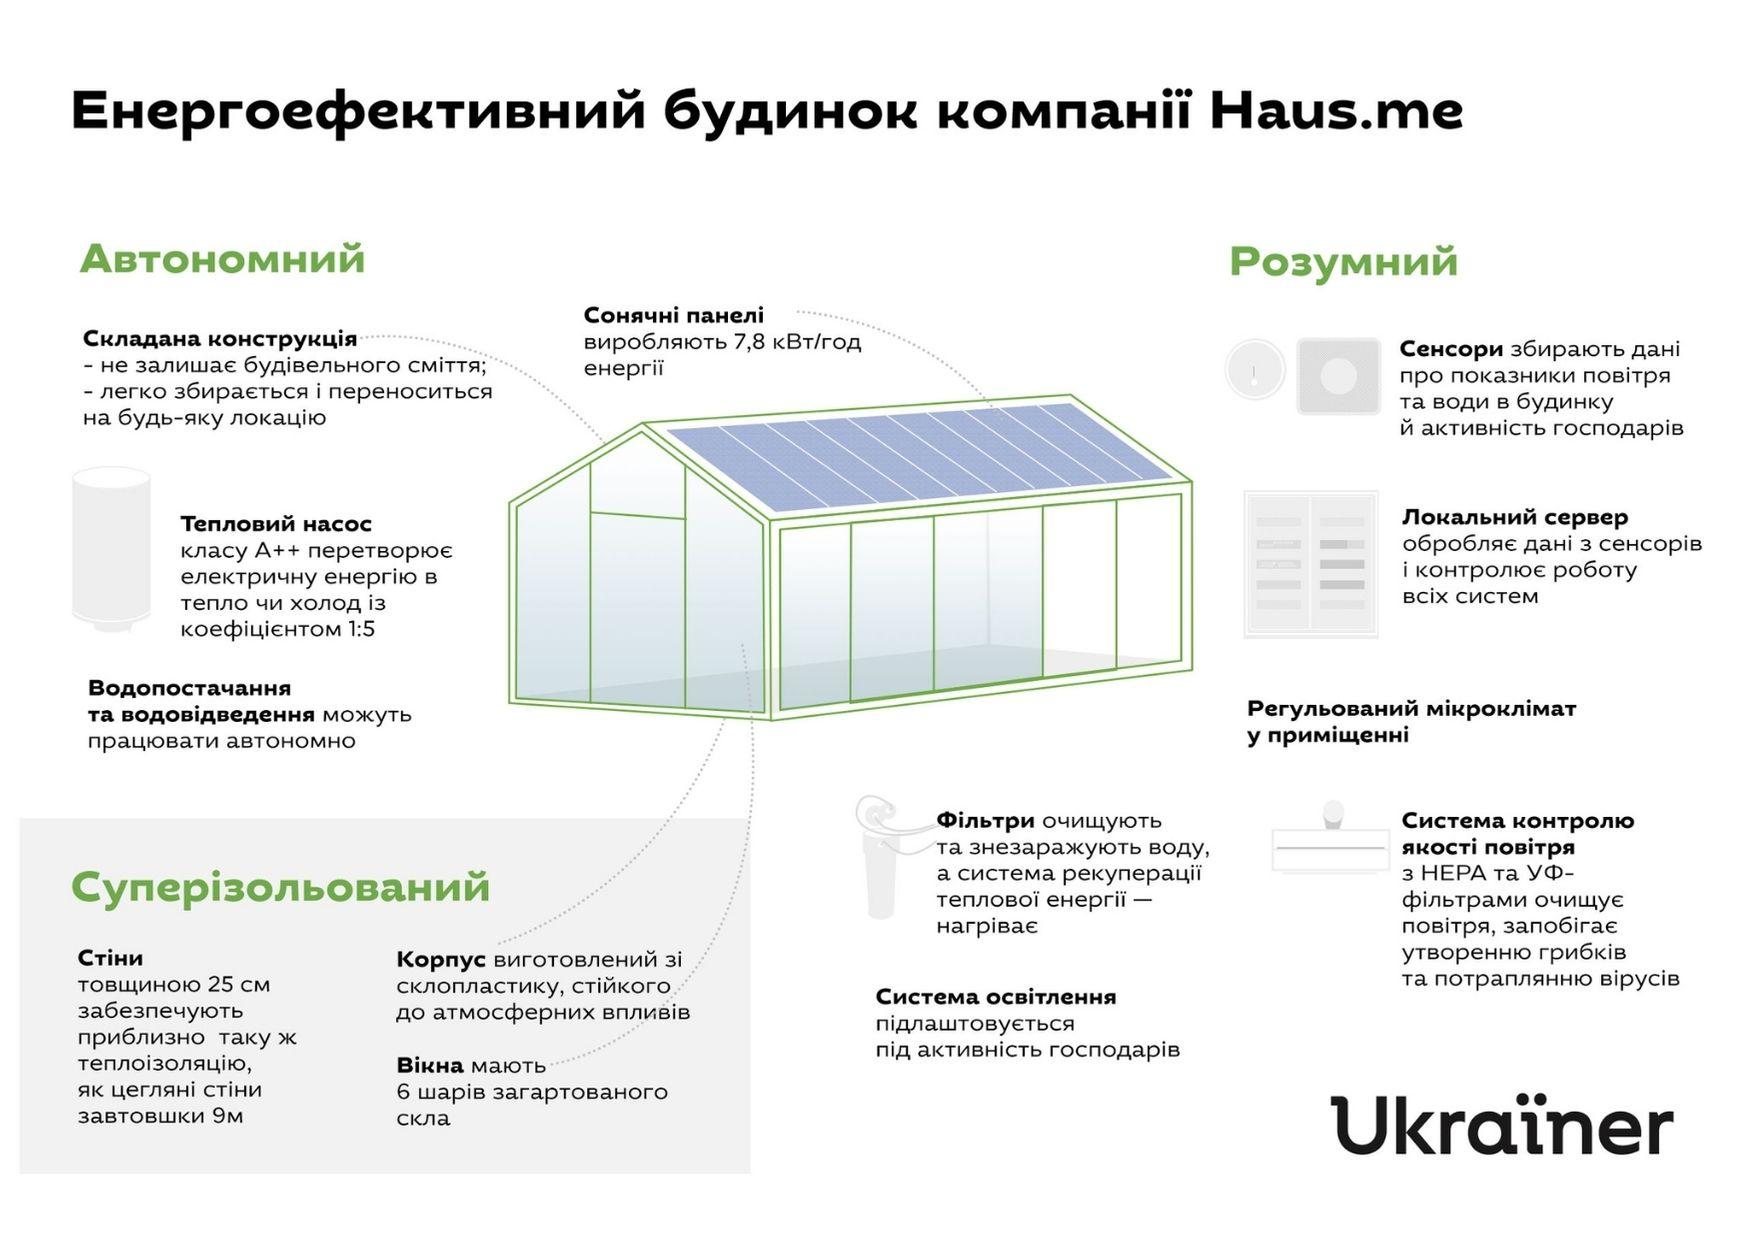 Українці створили автономний будинок, який можна зібрати подібно до меблів IKEA-Фото 2